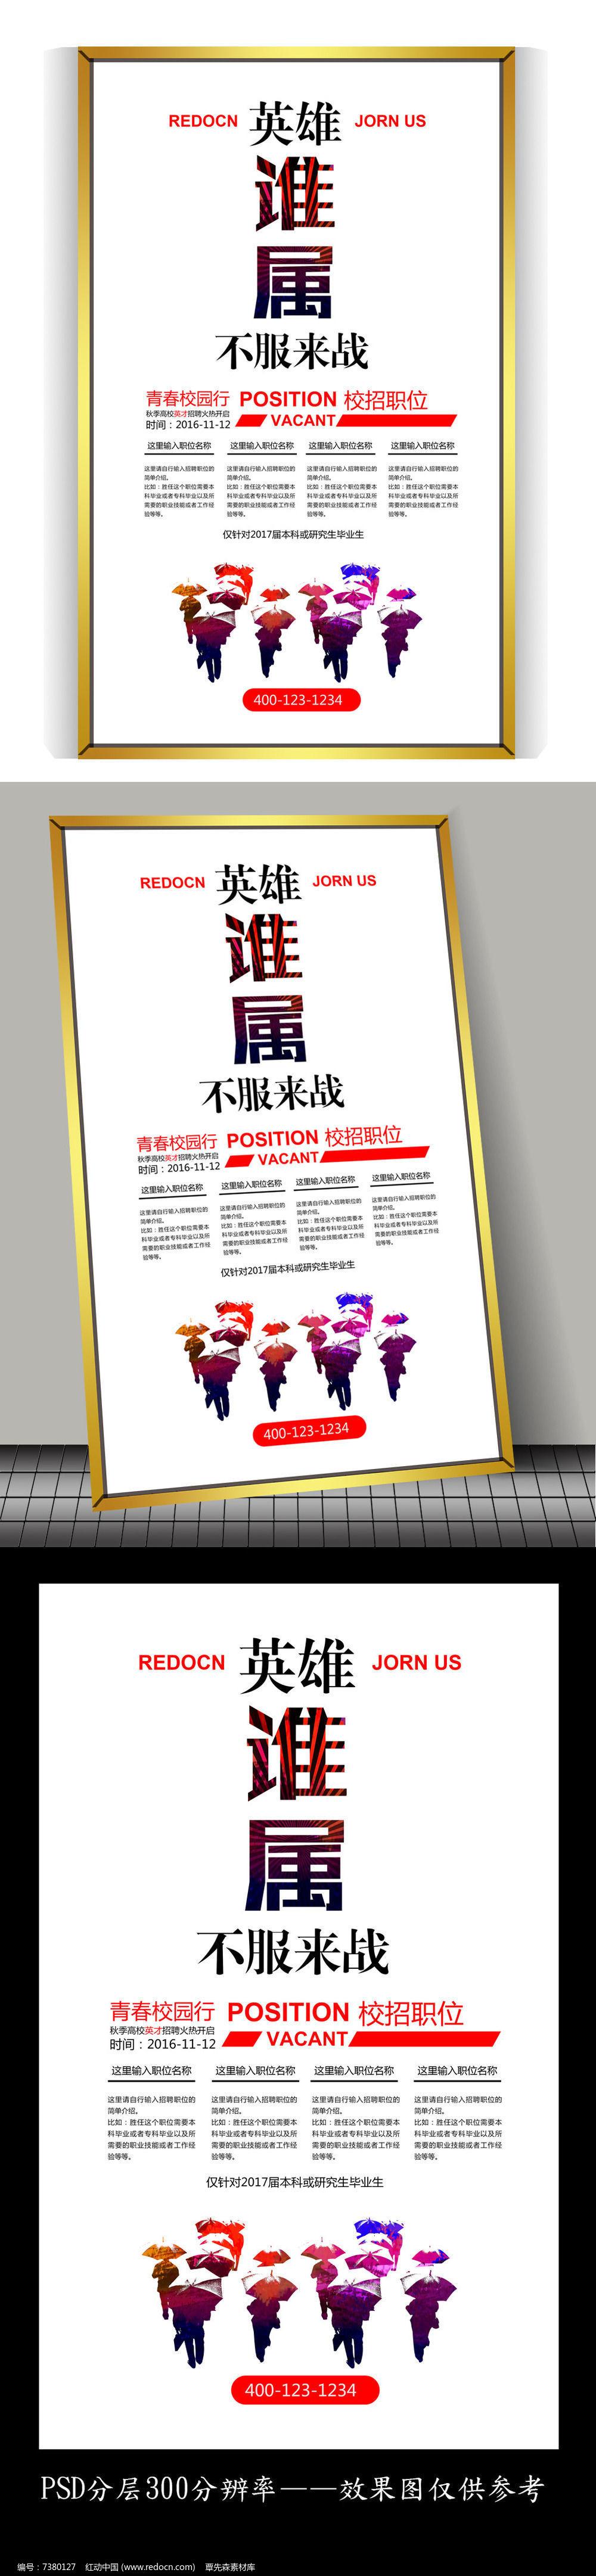 英雄谁属简洁创意招聘海报设计图片